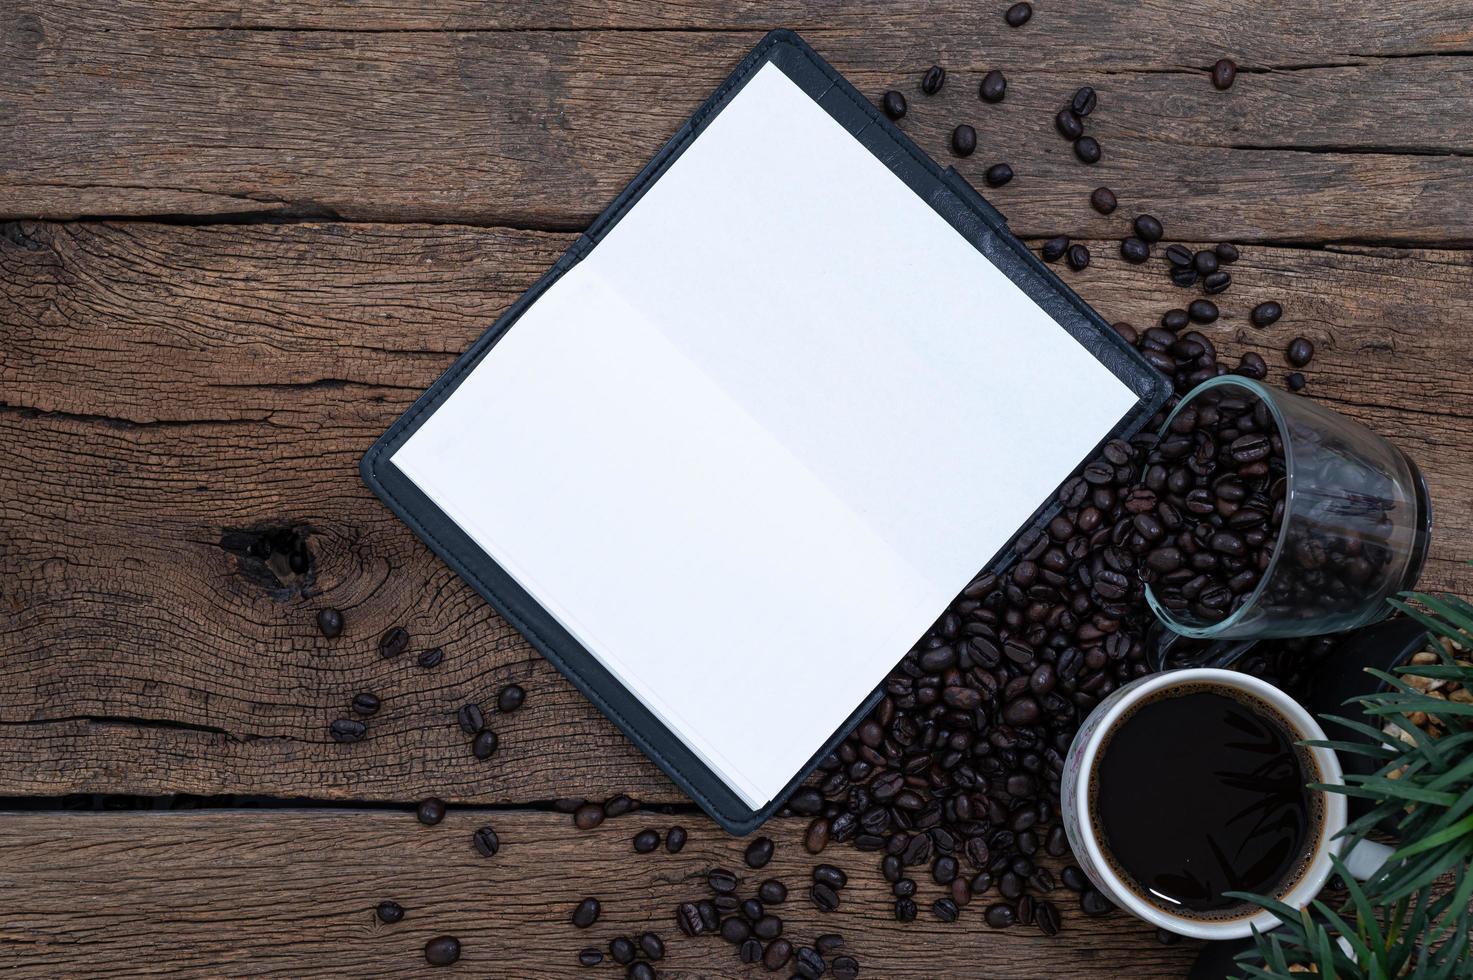 Kaffeetassen, Kaffeebohnen und ein Rekordbuch foto